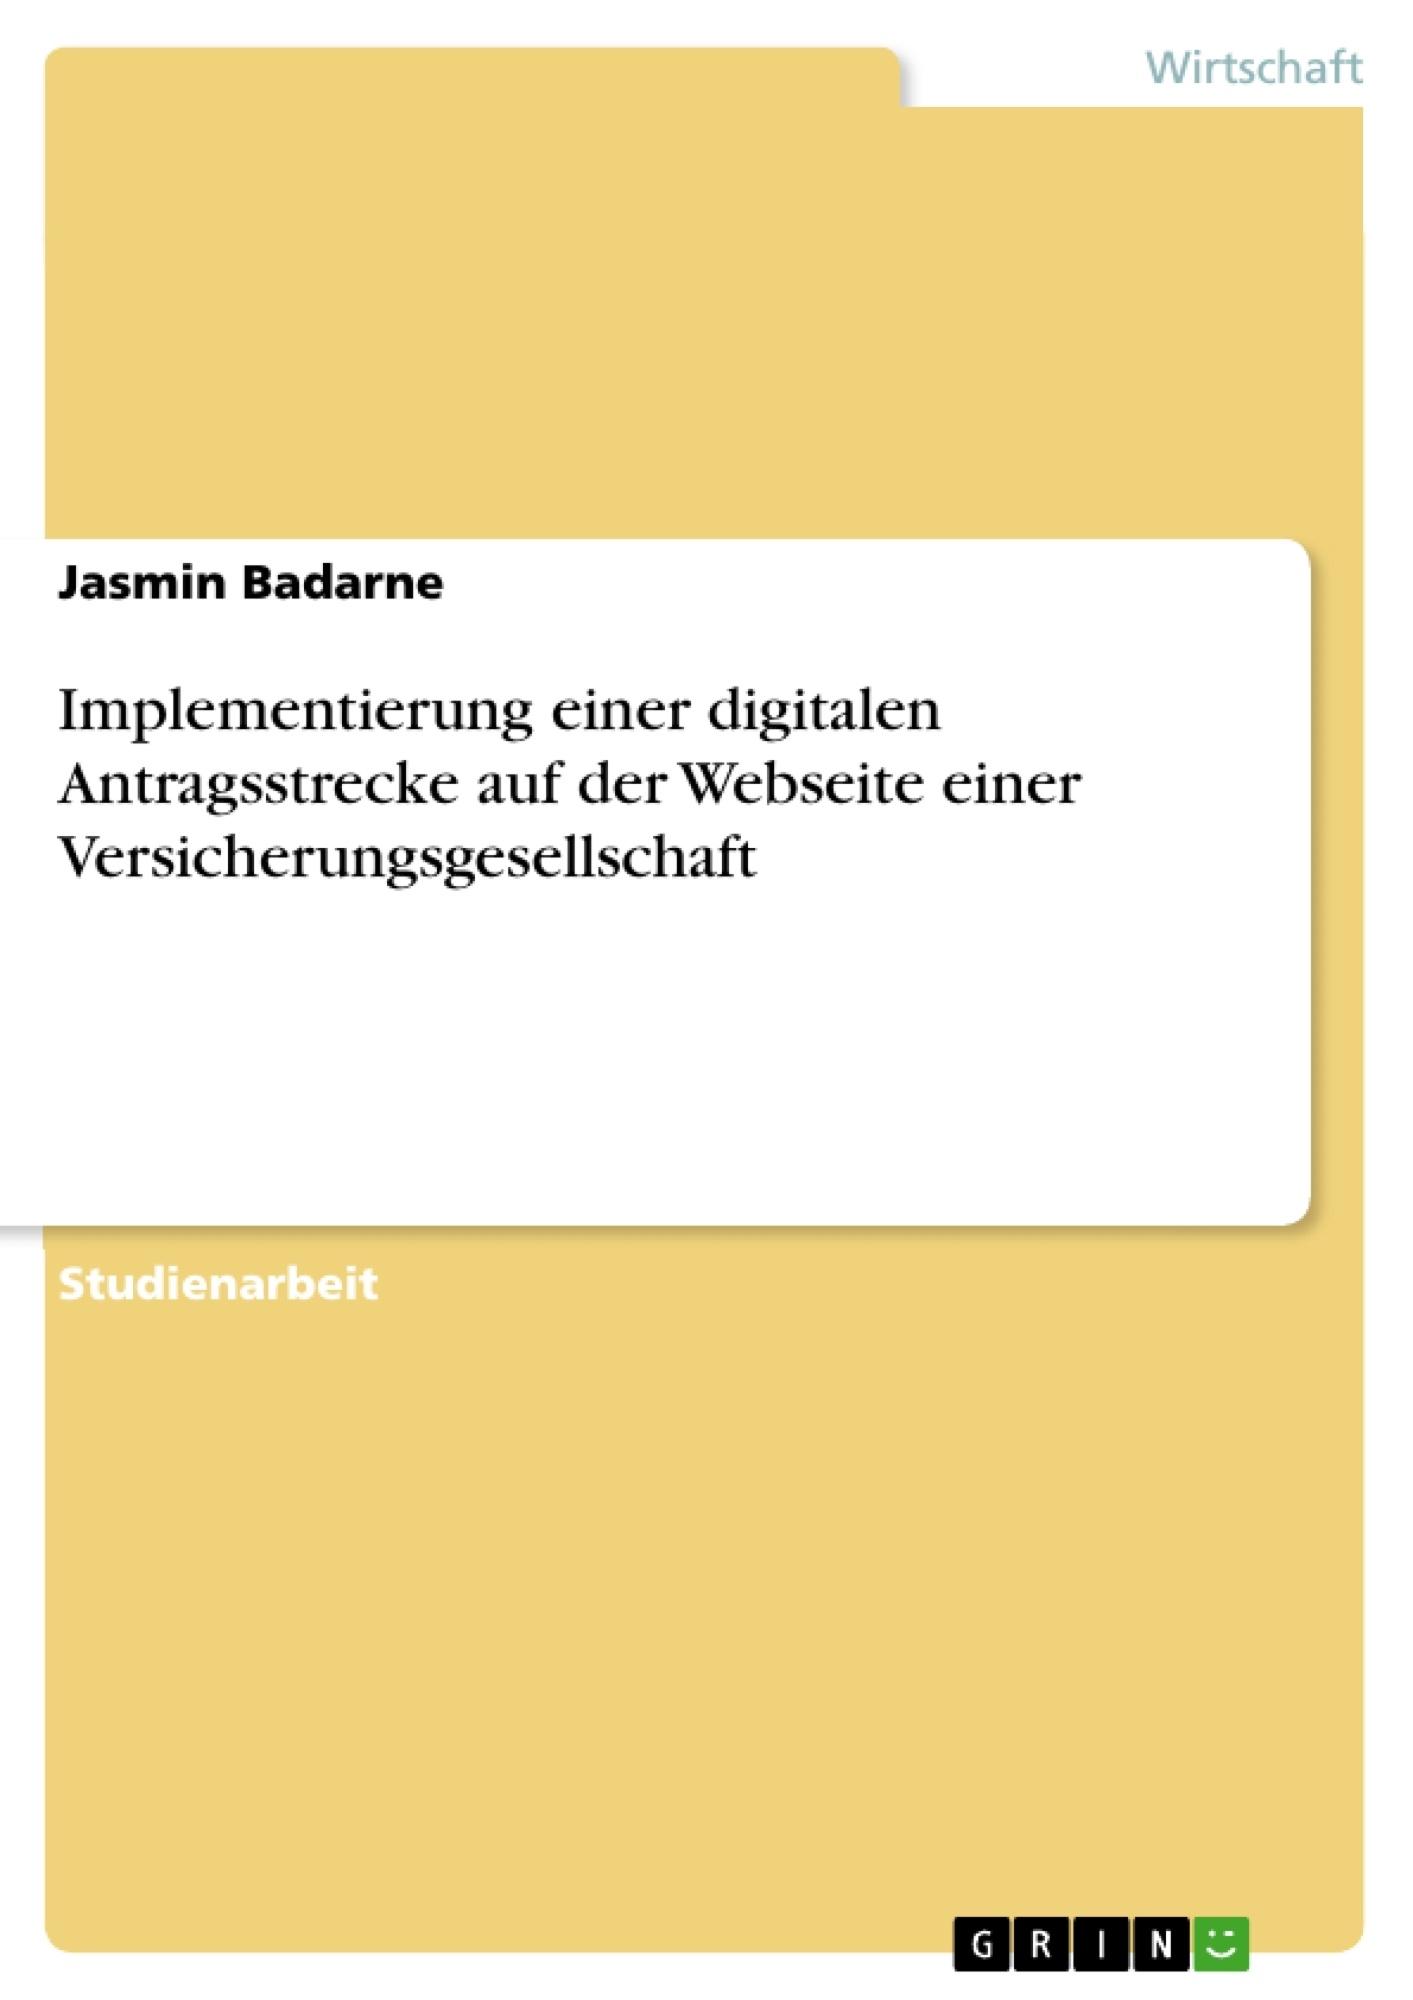 Titel: Implementierung einer digitalen Antragsstrecke auf der Webseite einer Versicherungsgesellschaft